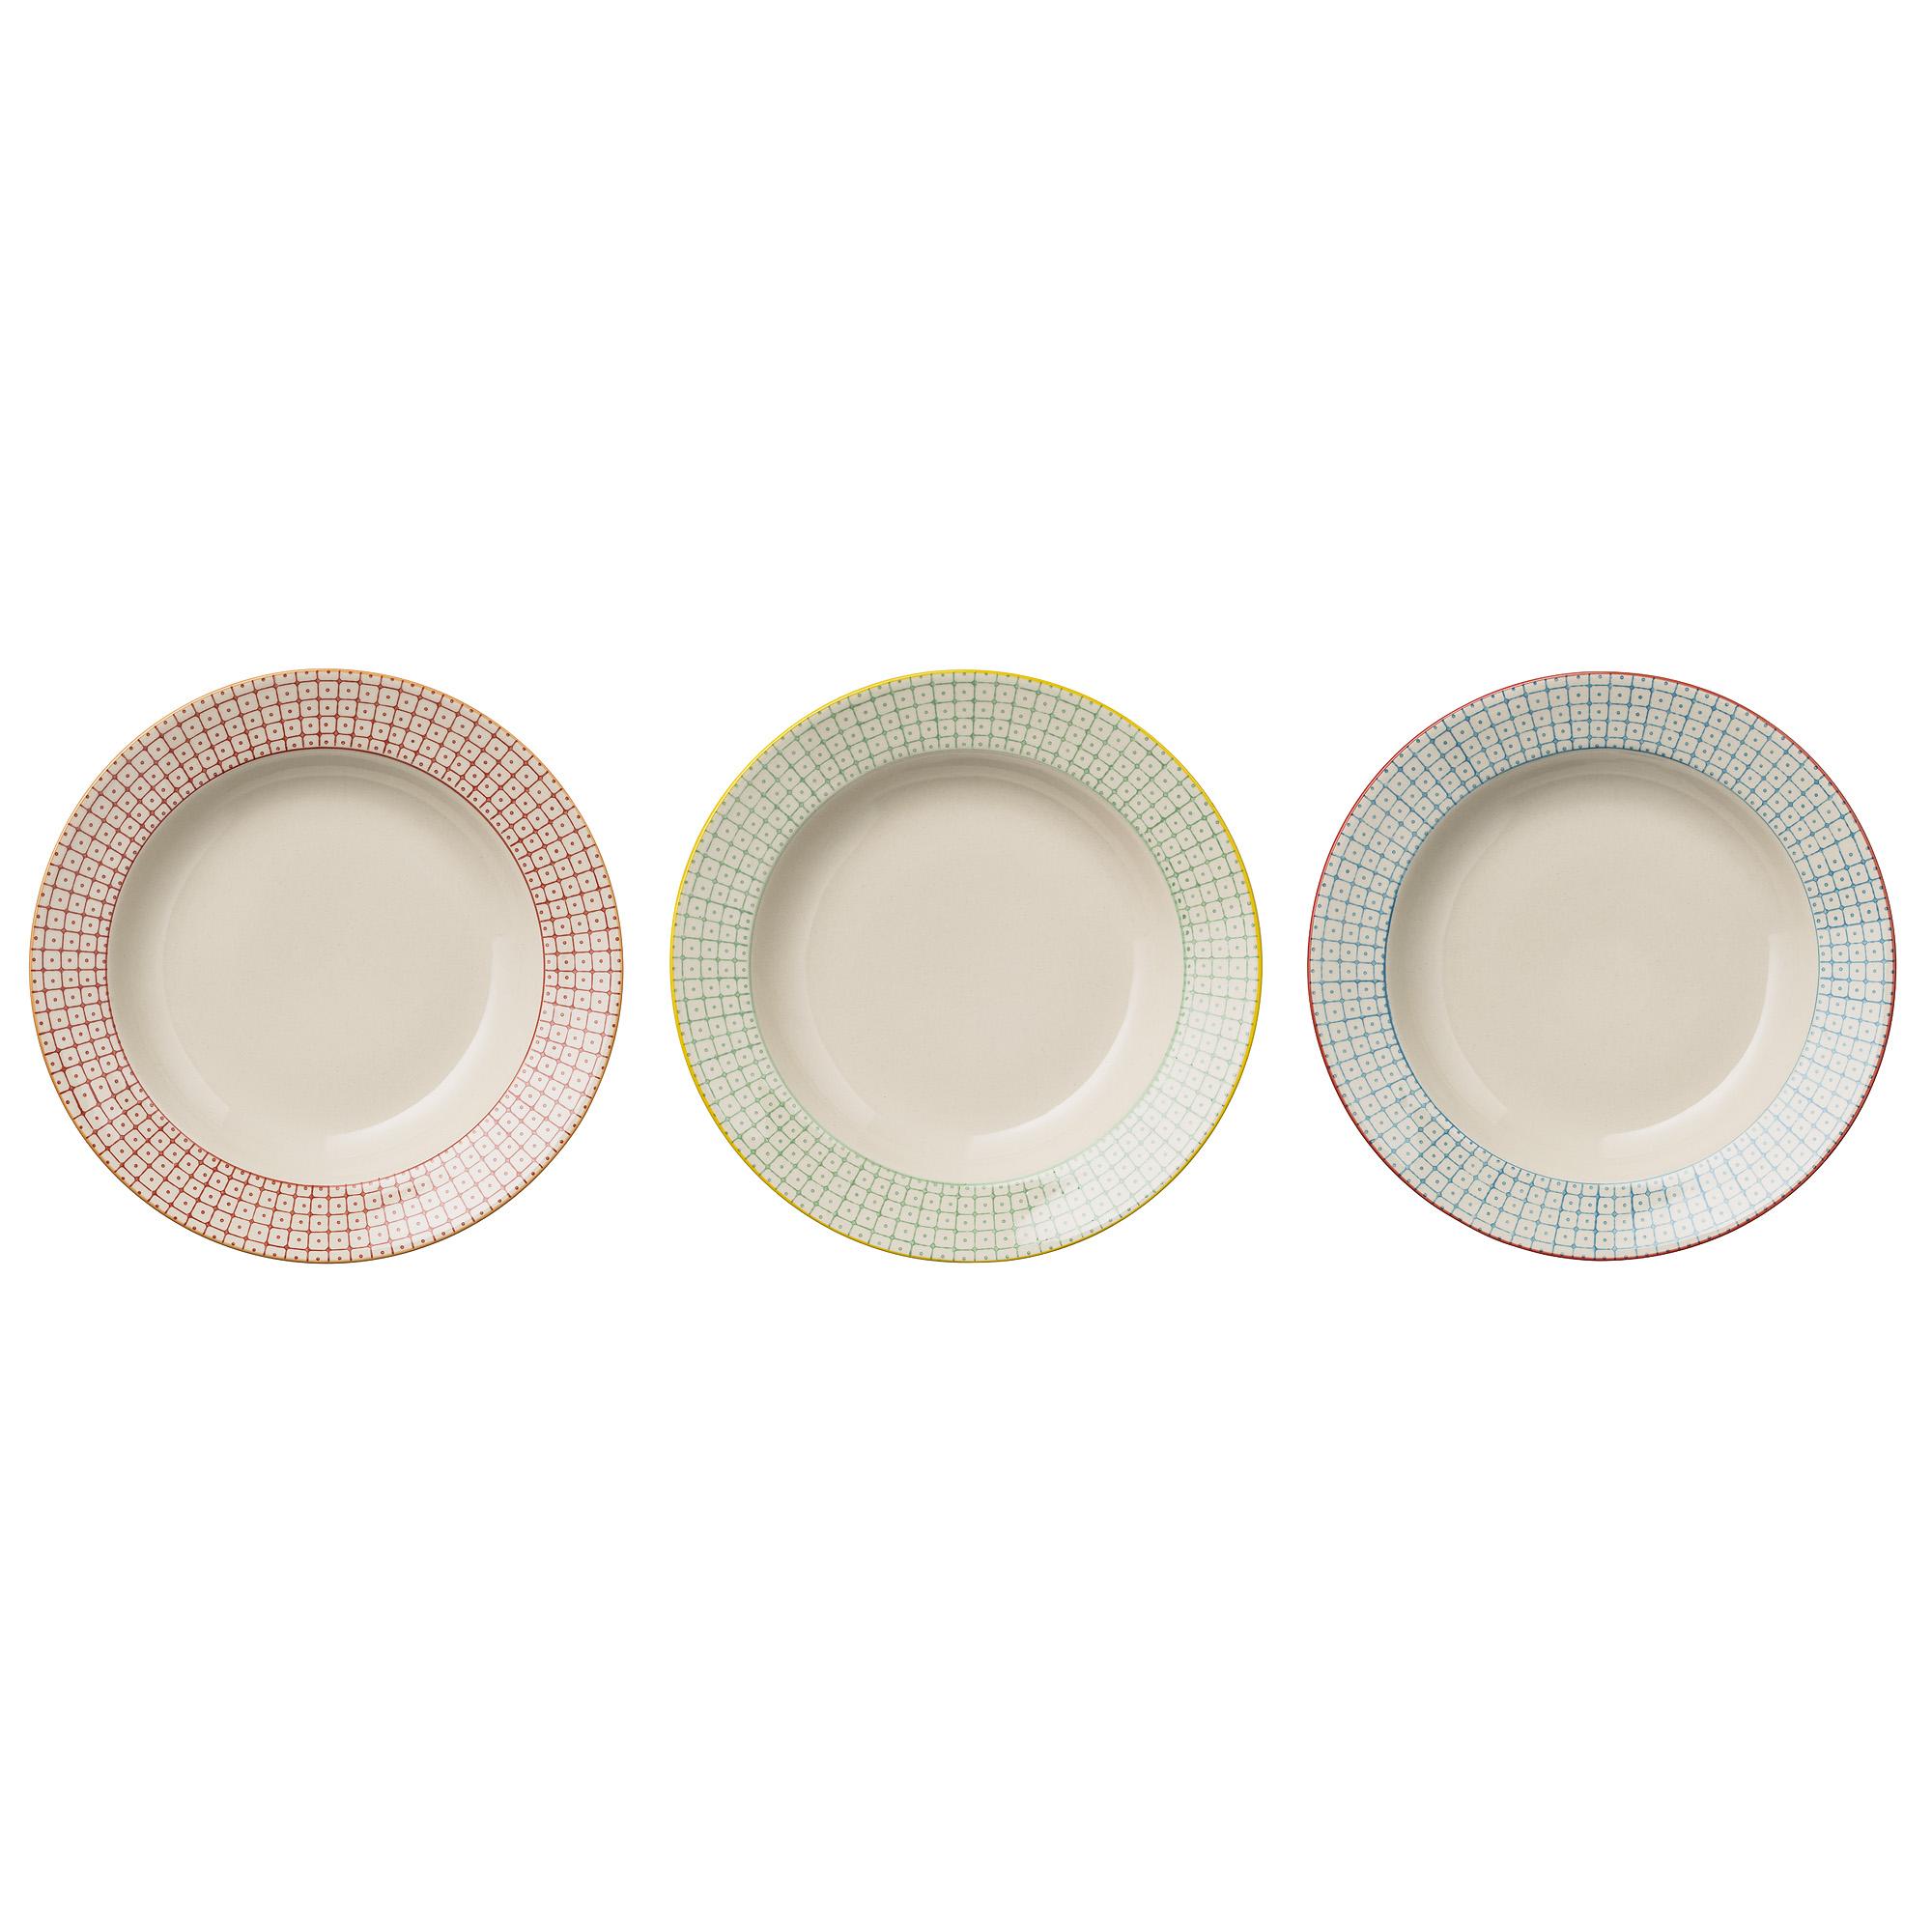 Farfurii Pentru Supa Carla Rosu/galben/bleu Ø25 Cm  3 Bucati